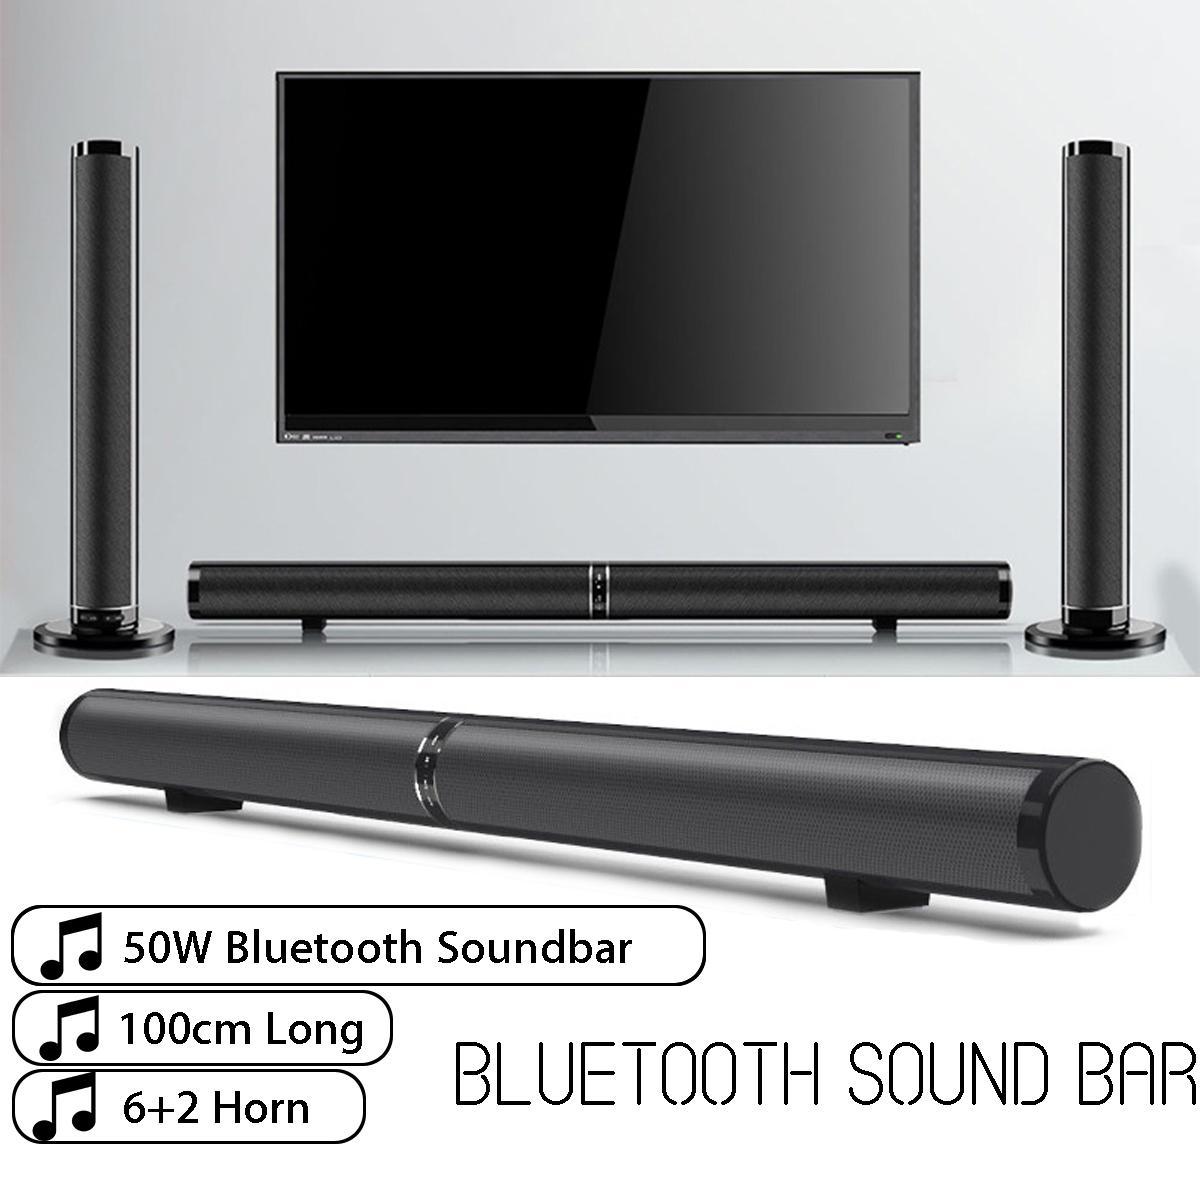 Barre de son bluetooth détachable ue US 50 W haut-parleur stéréo sans fil Subwoofer TV Home cinéma TF FM USB barre de son Surround virtuelle